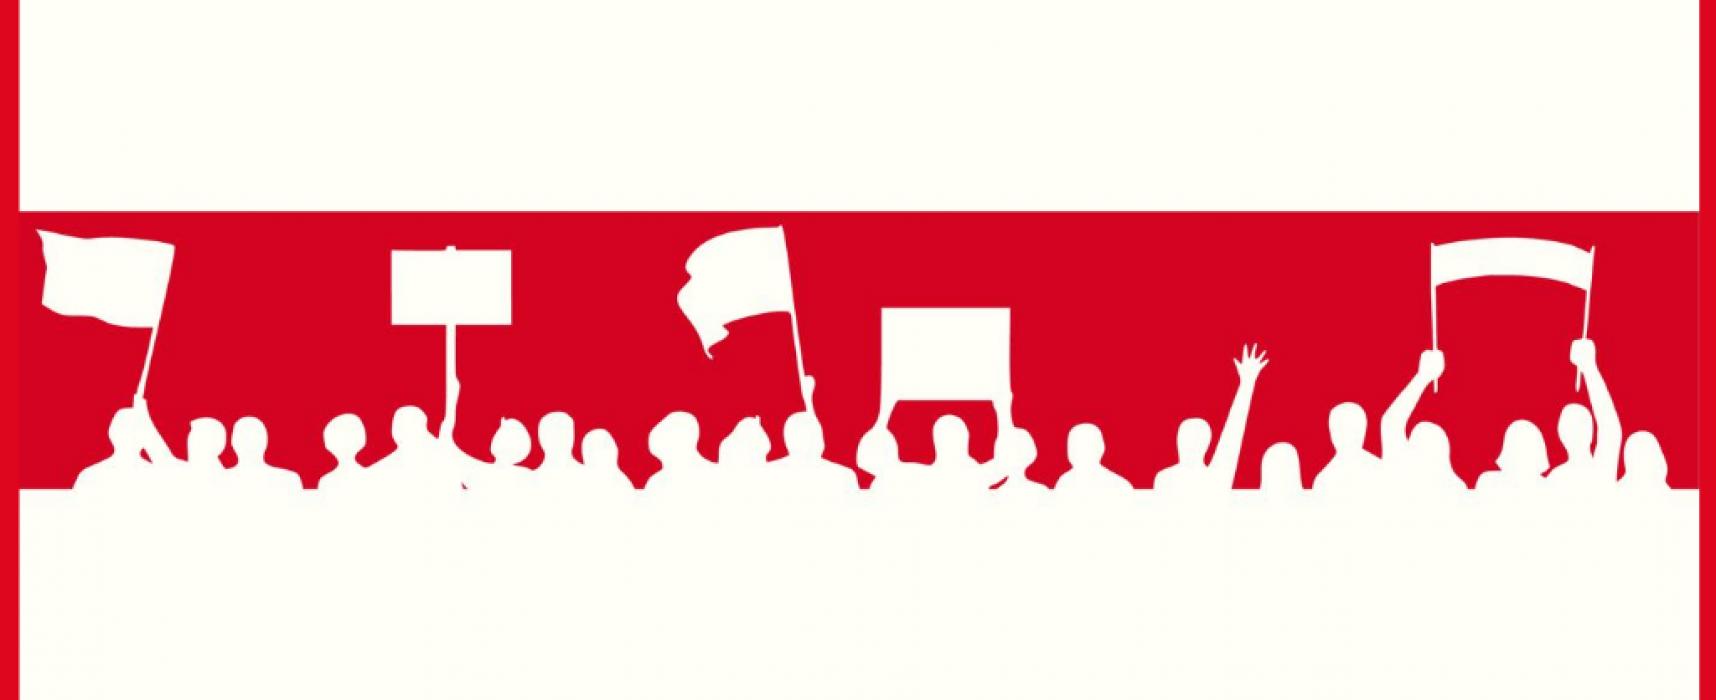 Прокремлевская дезинформация и выборы в Беларуси